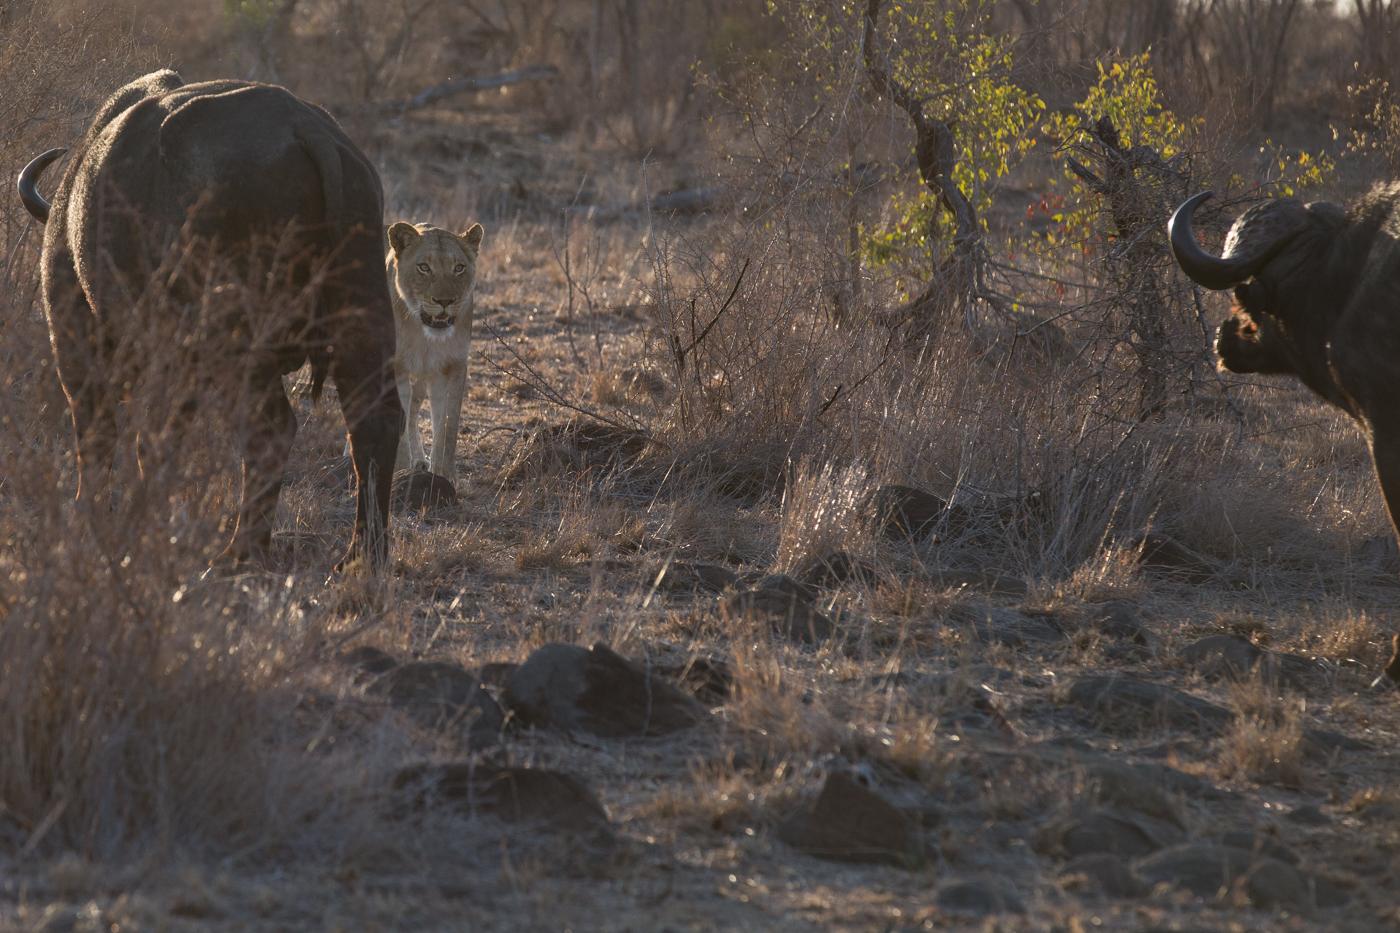 lion-buffalo-standoff